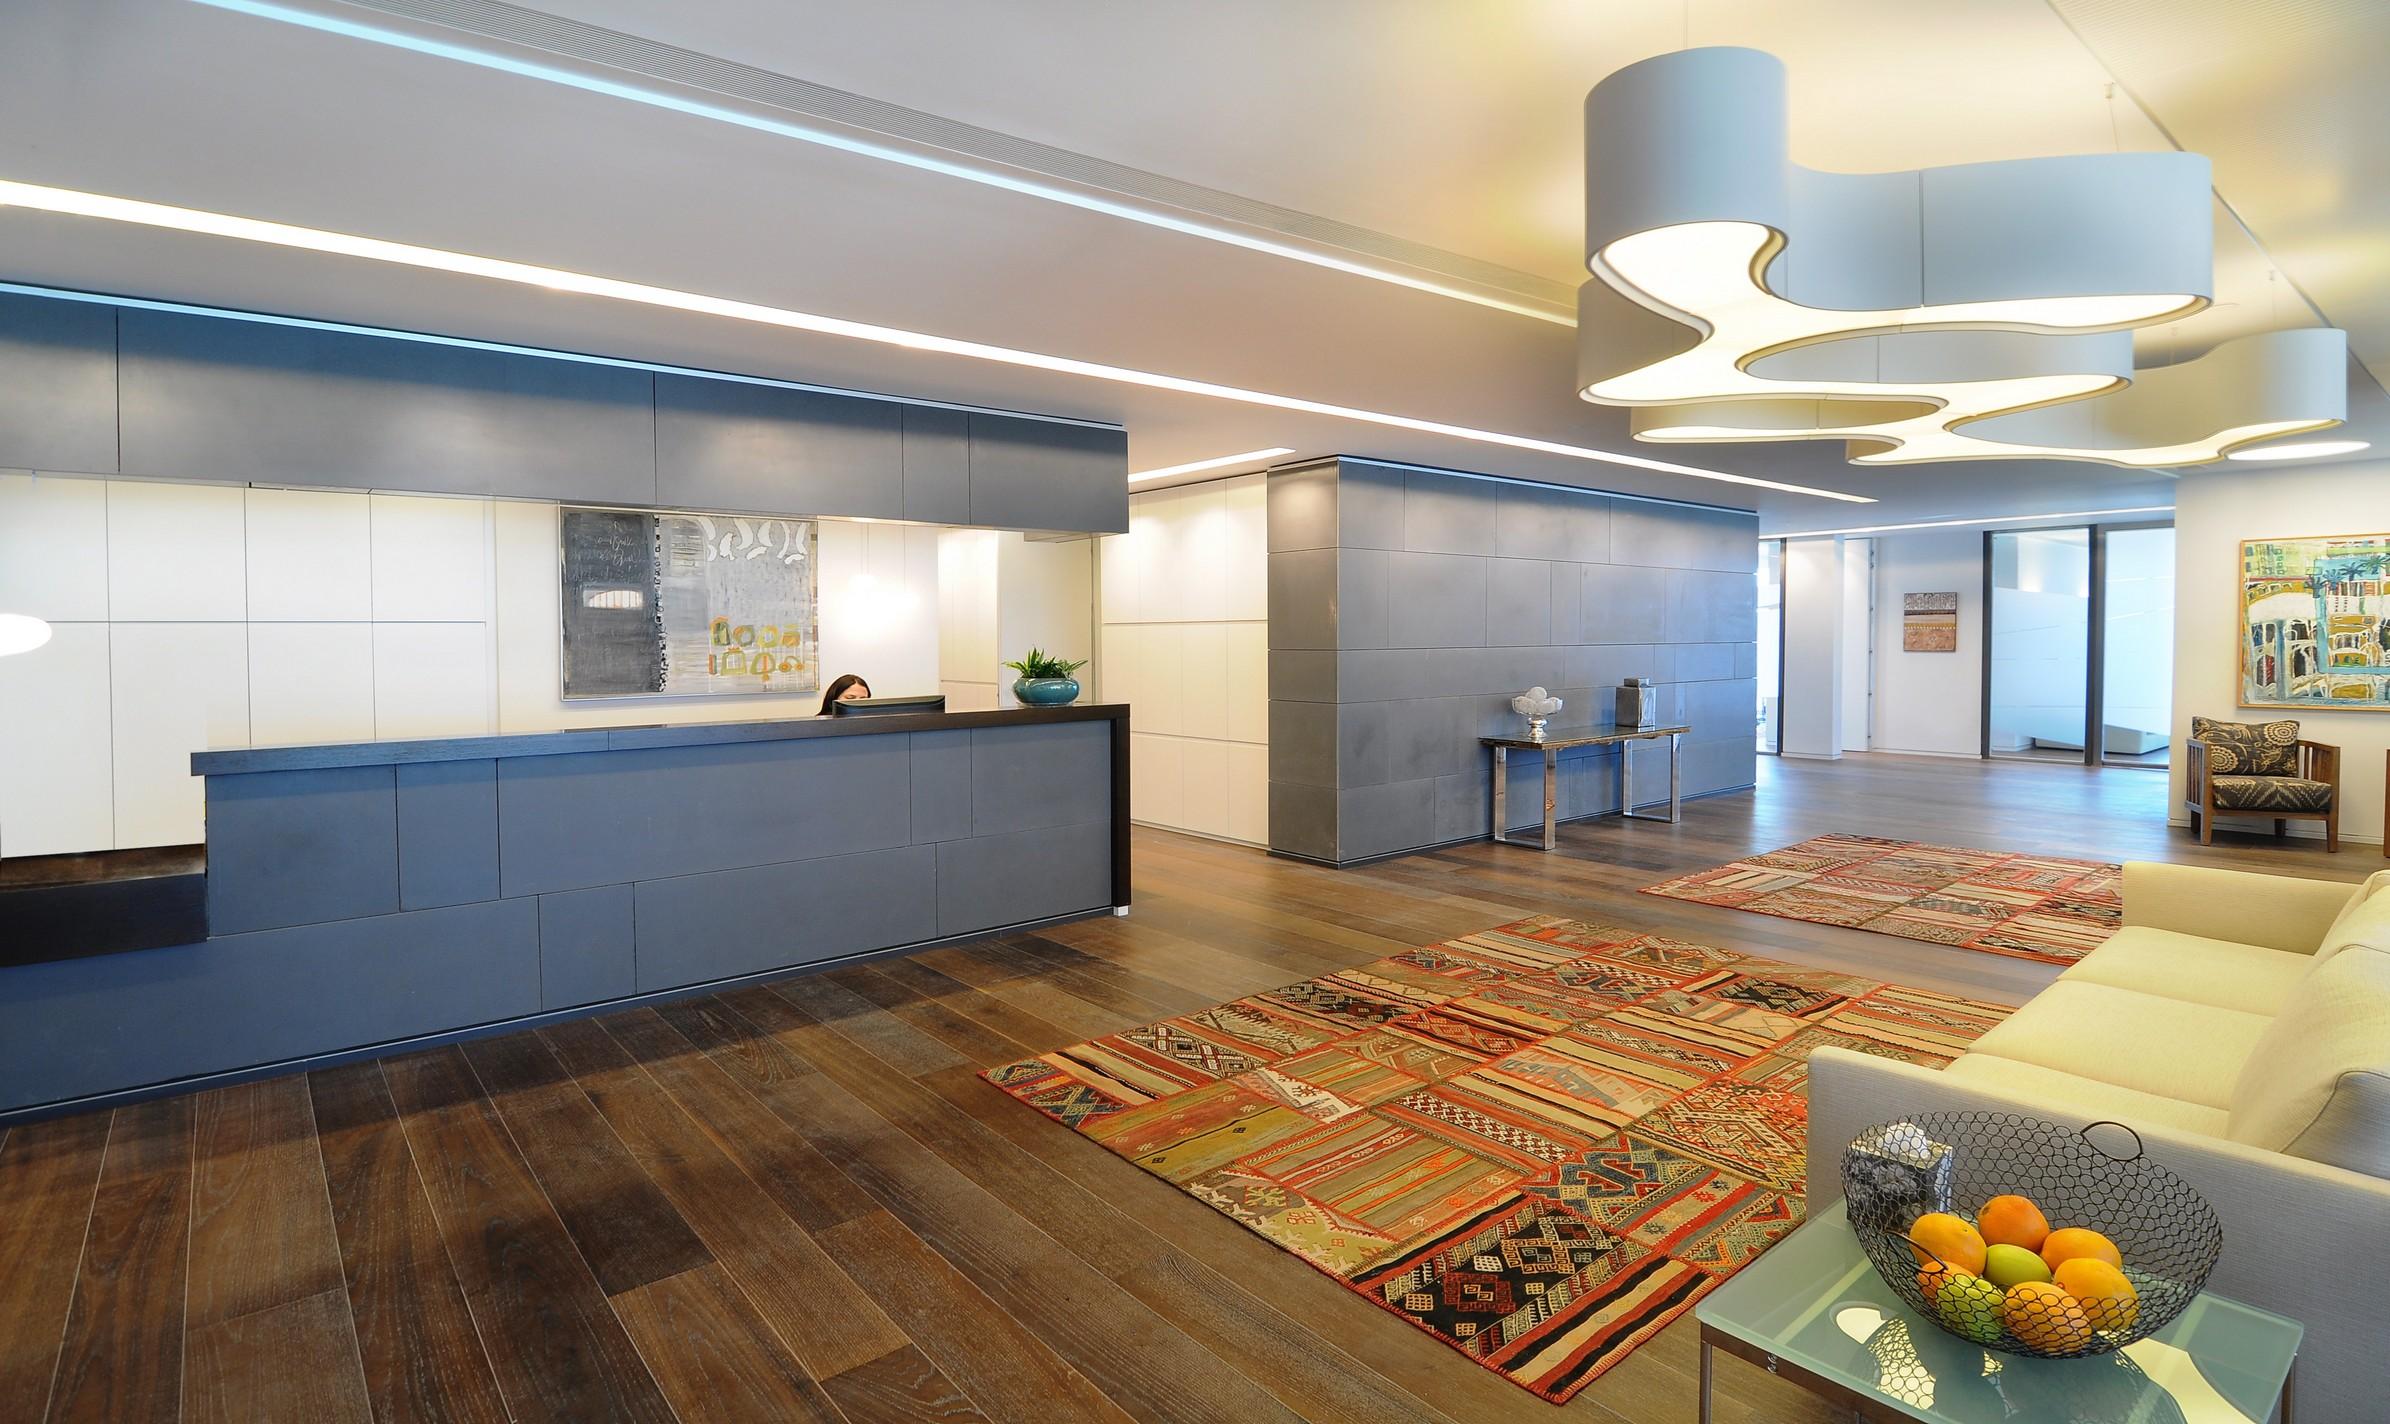 כניסה ראשית בגלובל וילג - תכנון של דונסקי אדריכלים